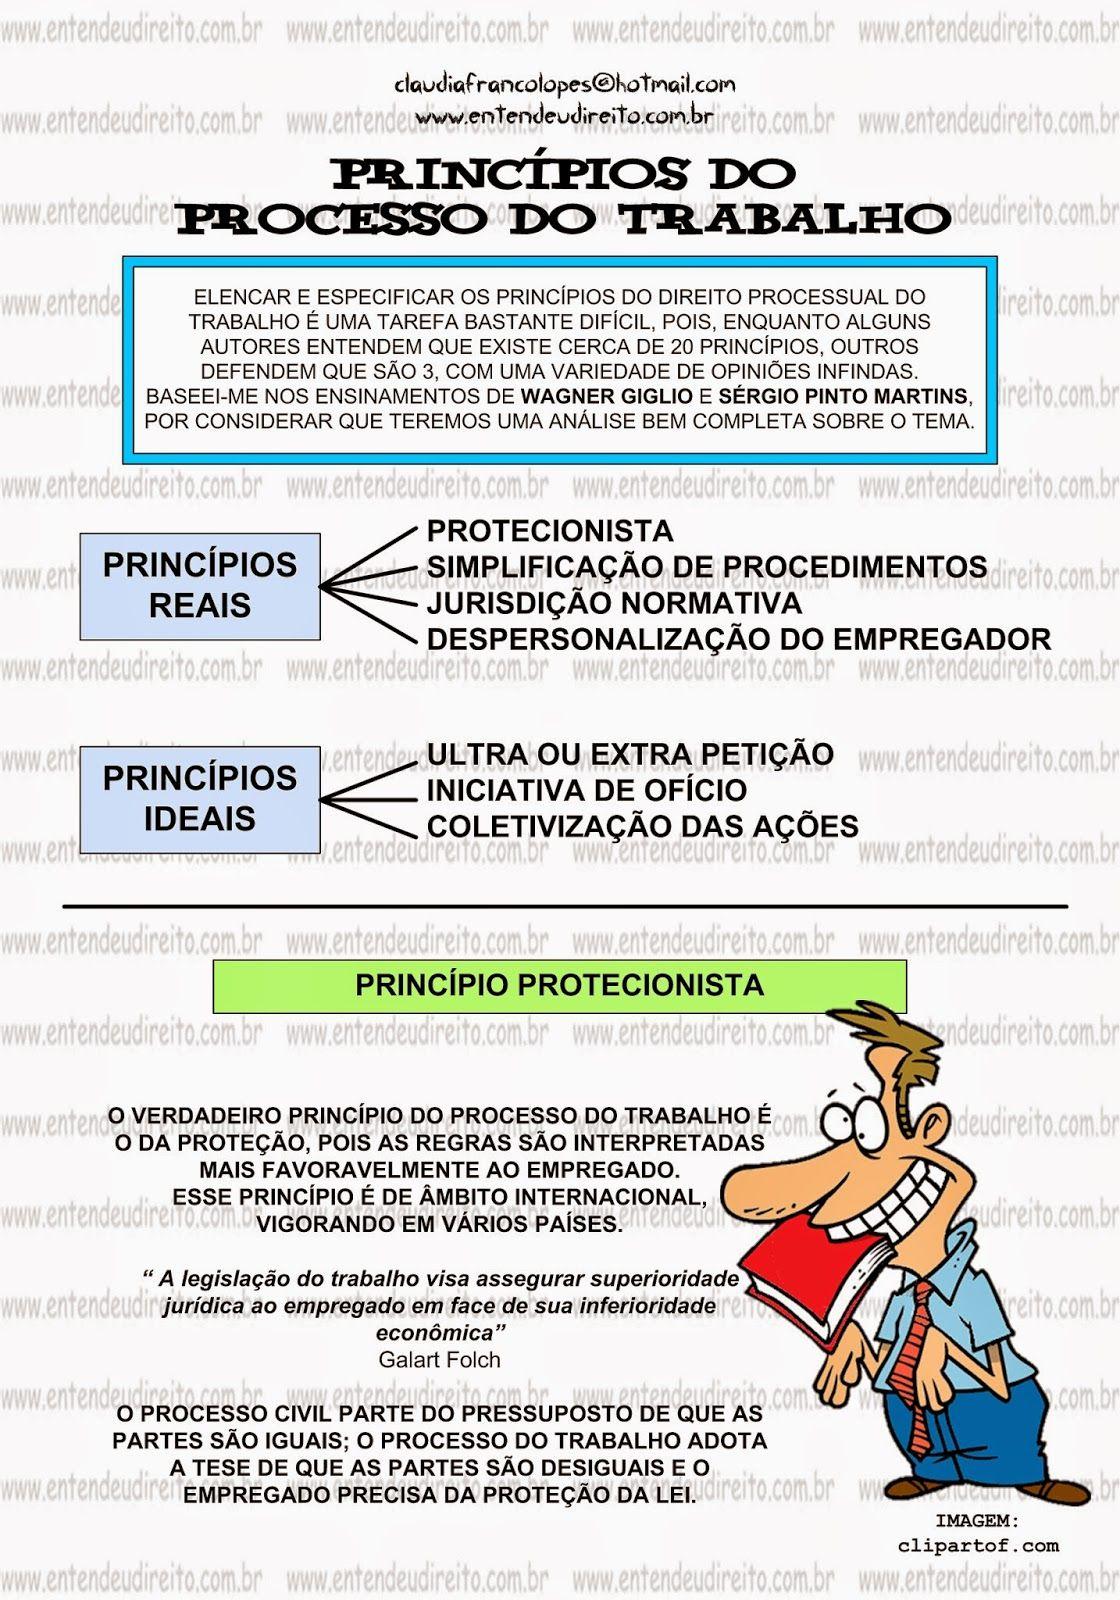 Processo do trabalho principios